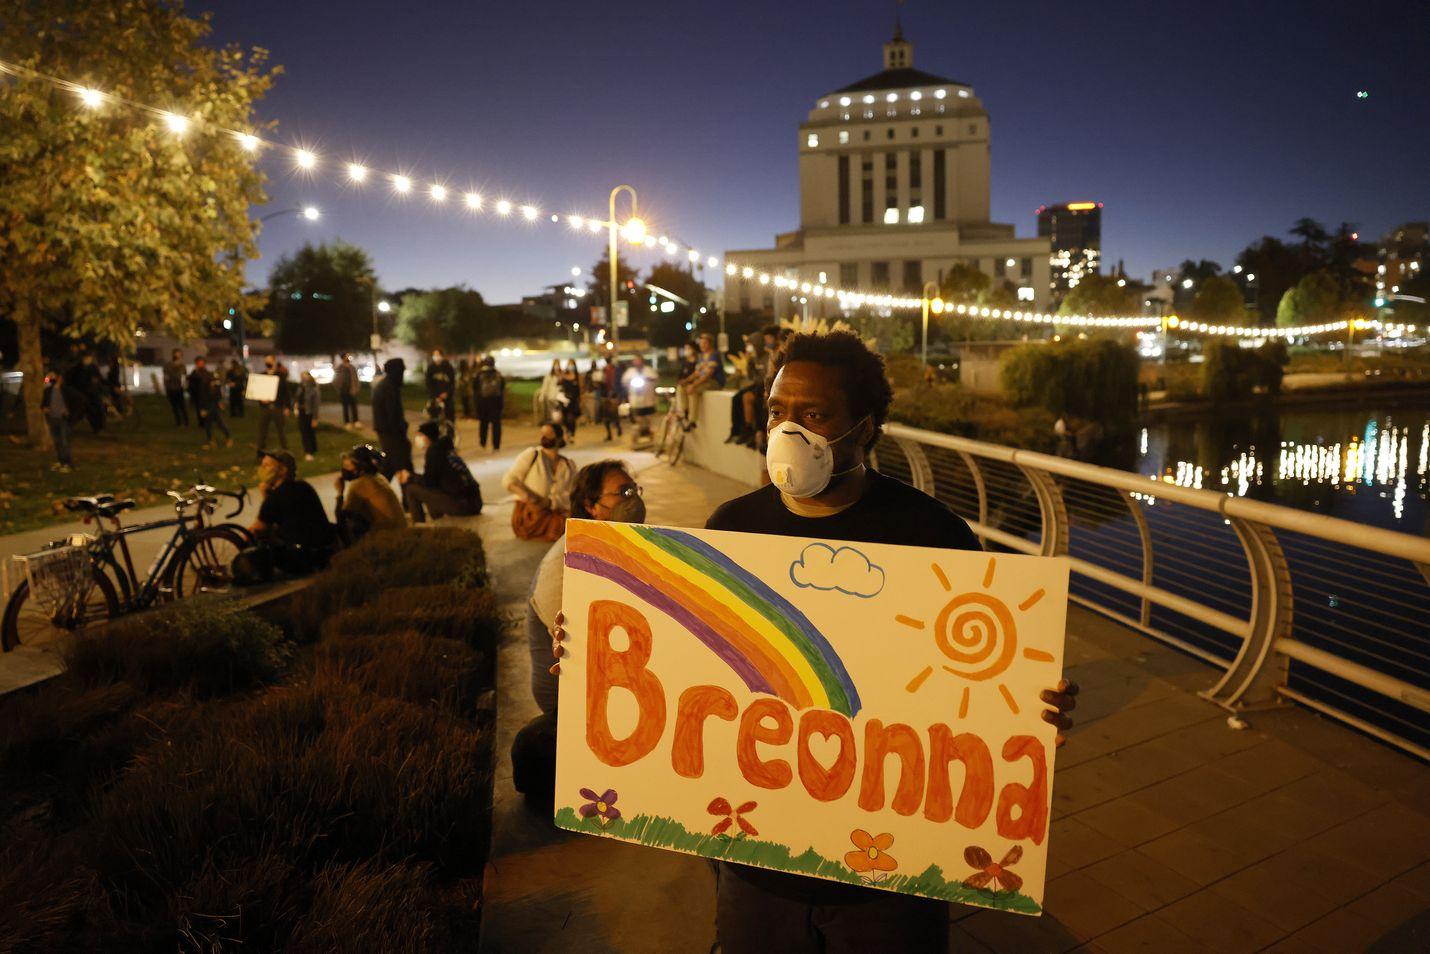 Yhdysvalloissa on osoitettu mieltä Breonna Taylorin tapauksen vuoksi useissa kaupungeissa.